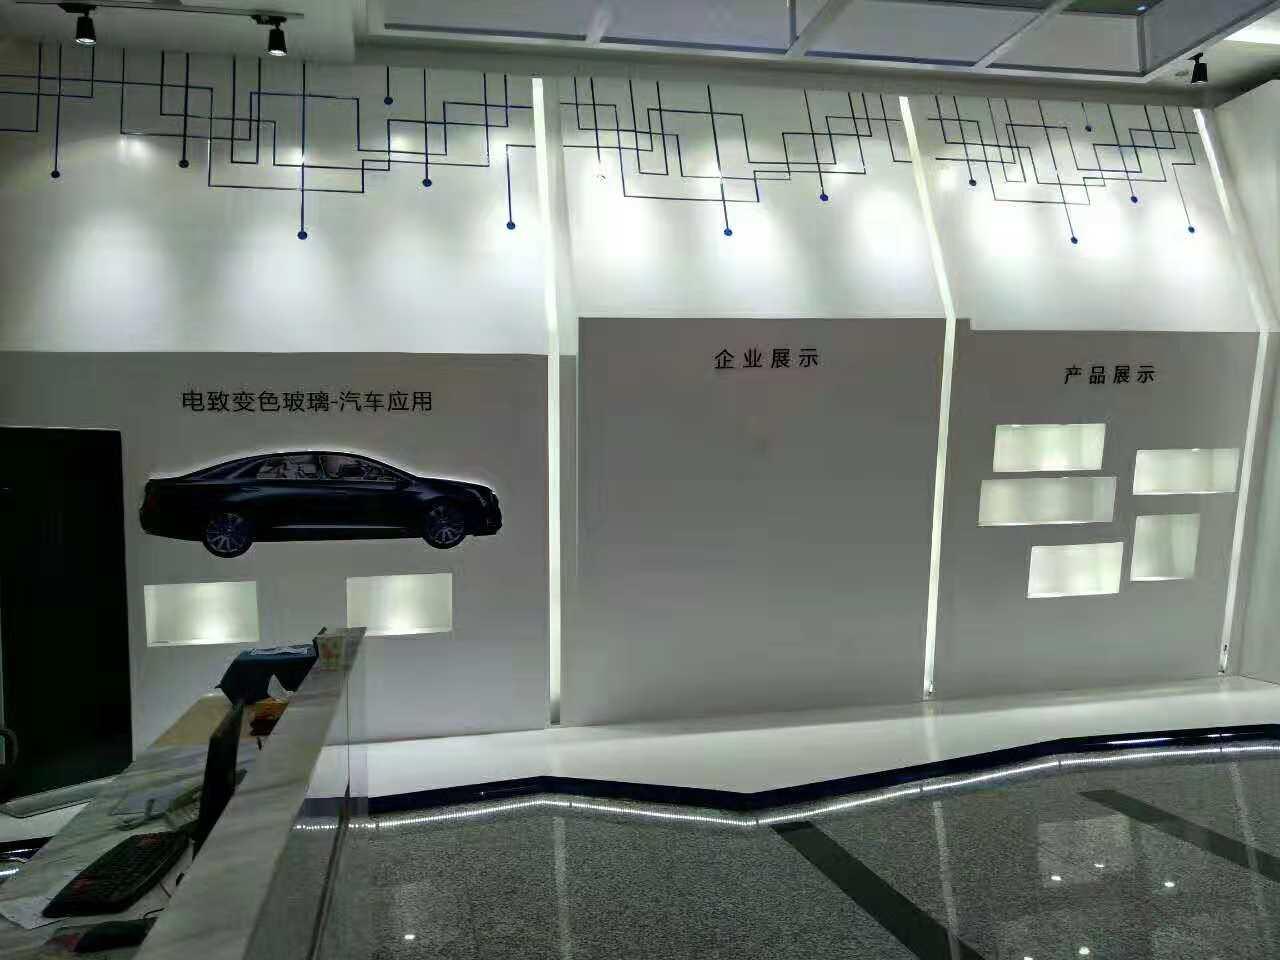 深圳达沃斯光电——企业形象墙设计装修